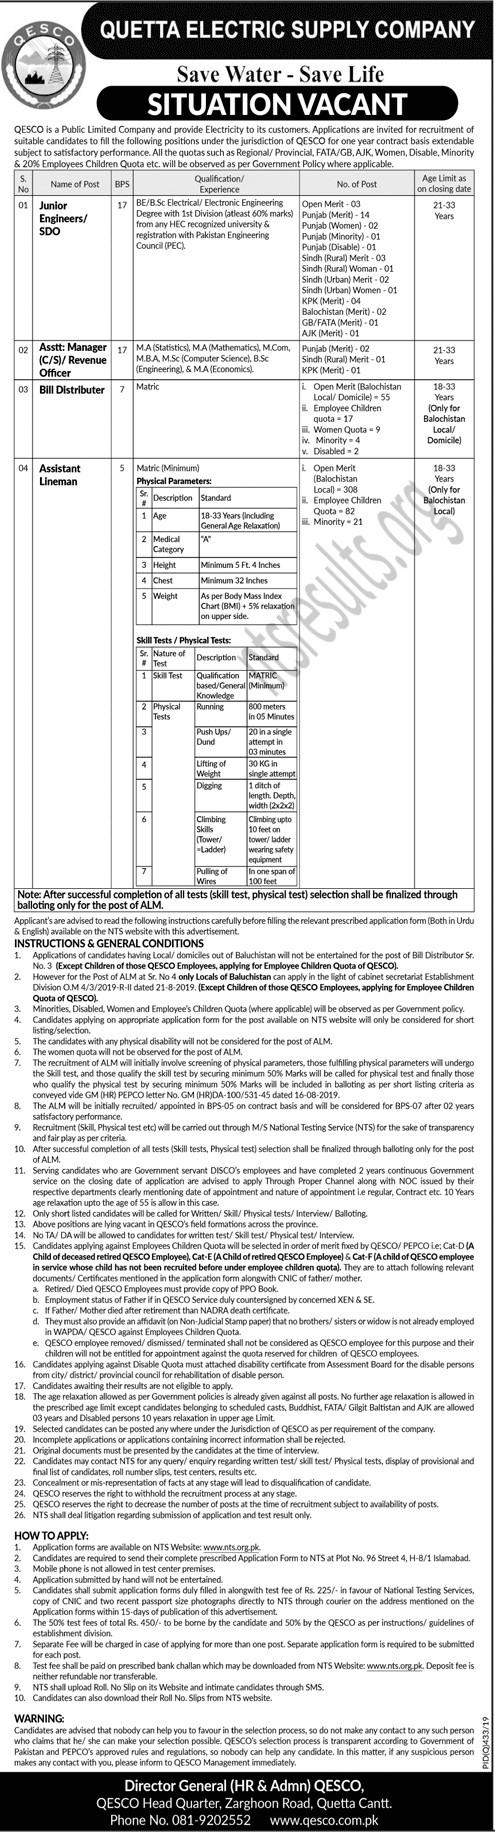 Quetta electric supply company QESCO Jobs Via NTS